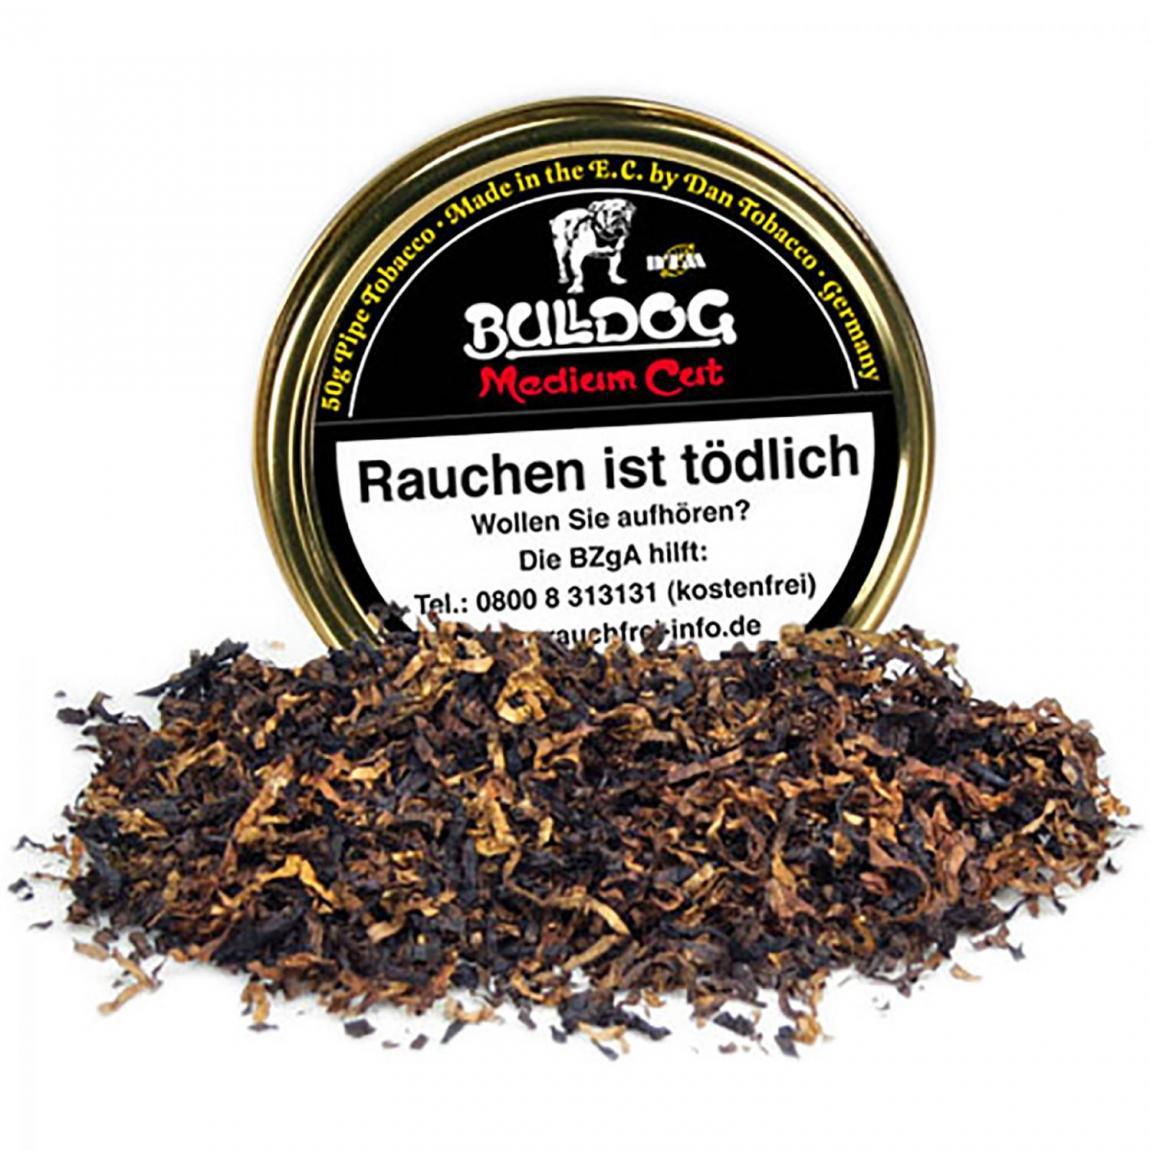 Bulldog Medium Cut - kühl im Rauch mit aromatisch-würzigem Duft